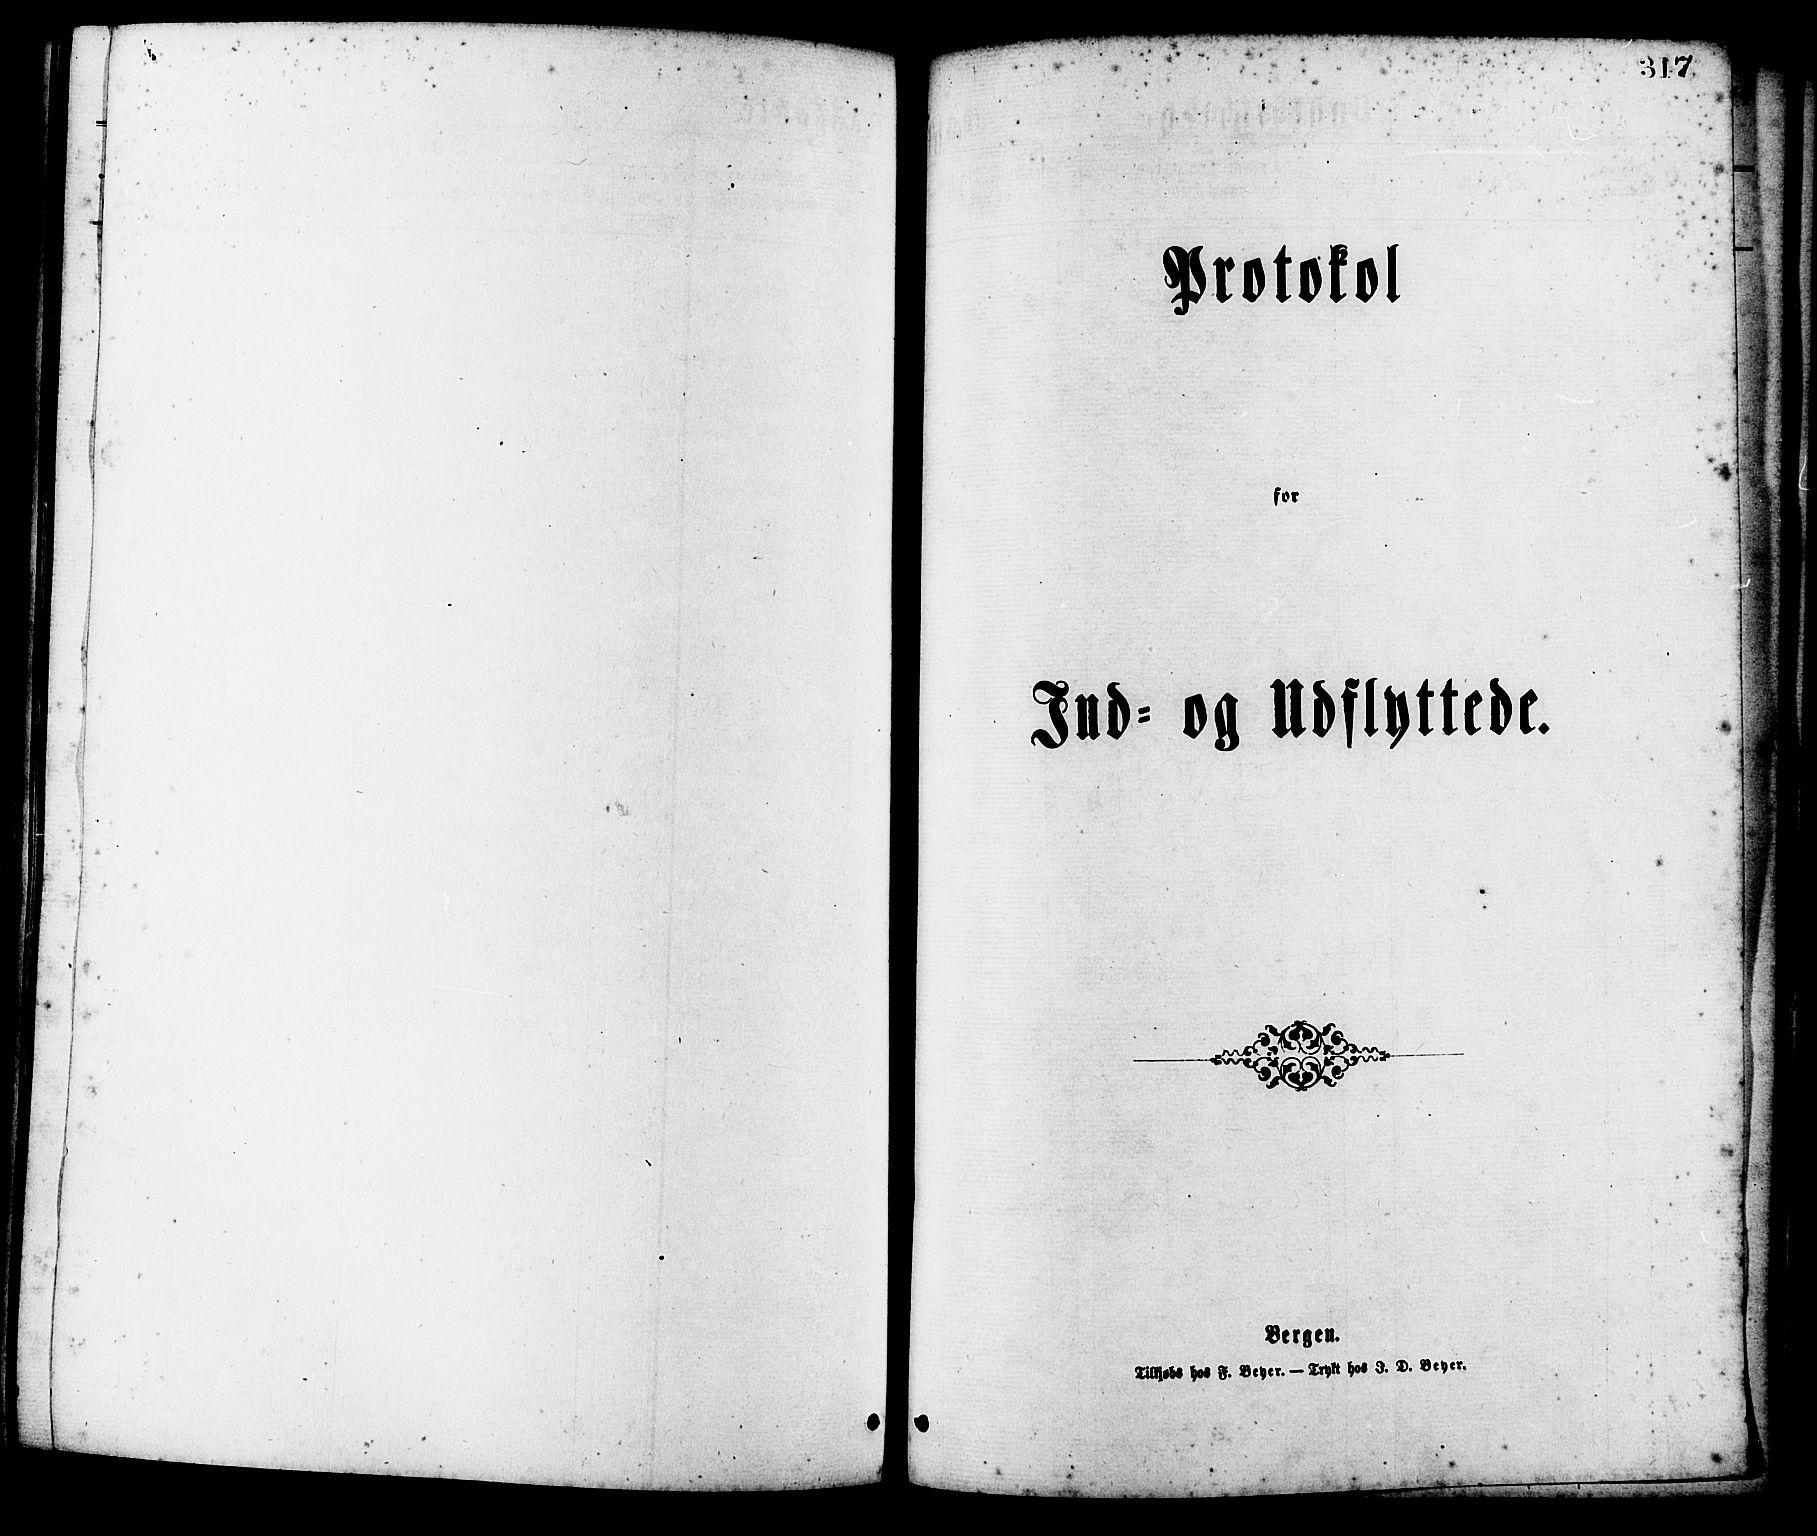 SAT, Ministerialprotokoller, klokkerbøker og fødselsregistre - Møre og Romsdal, 537/L0519: Ministerialbok nr. 537A03, 1876-1889, s. 317